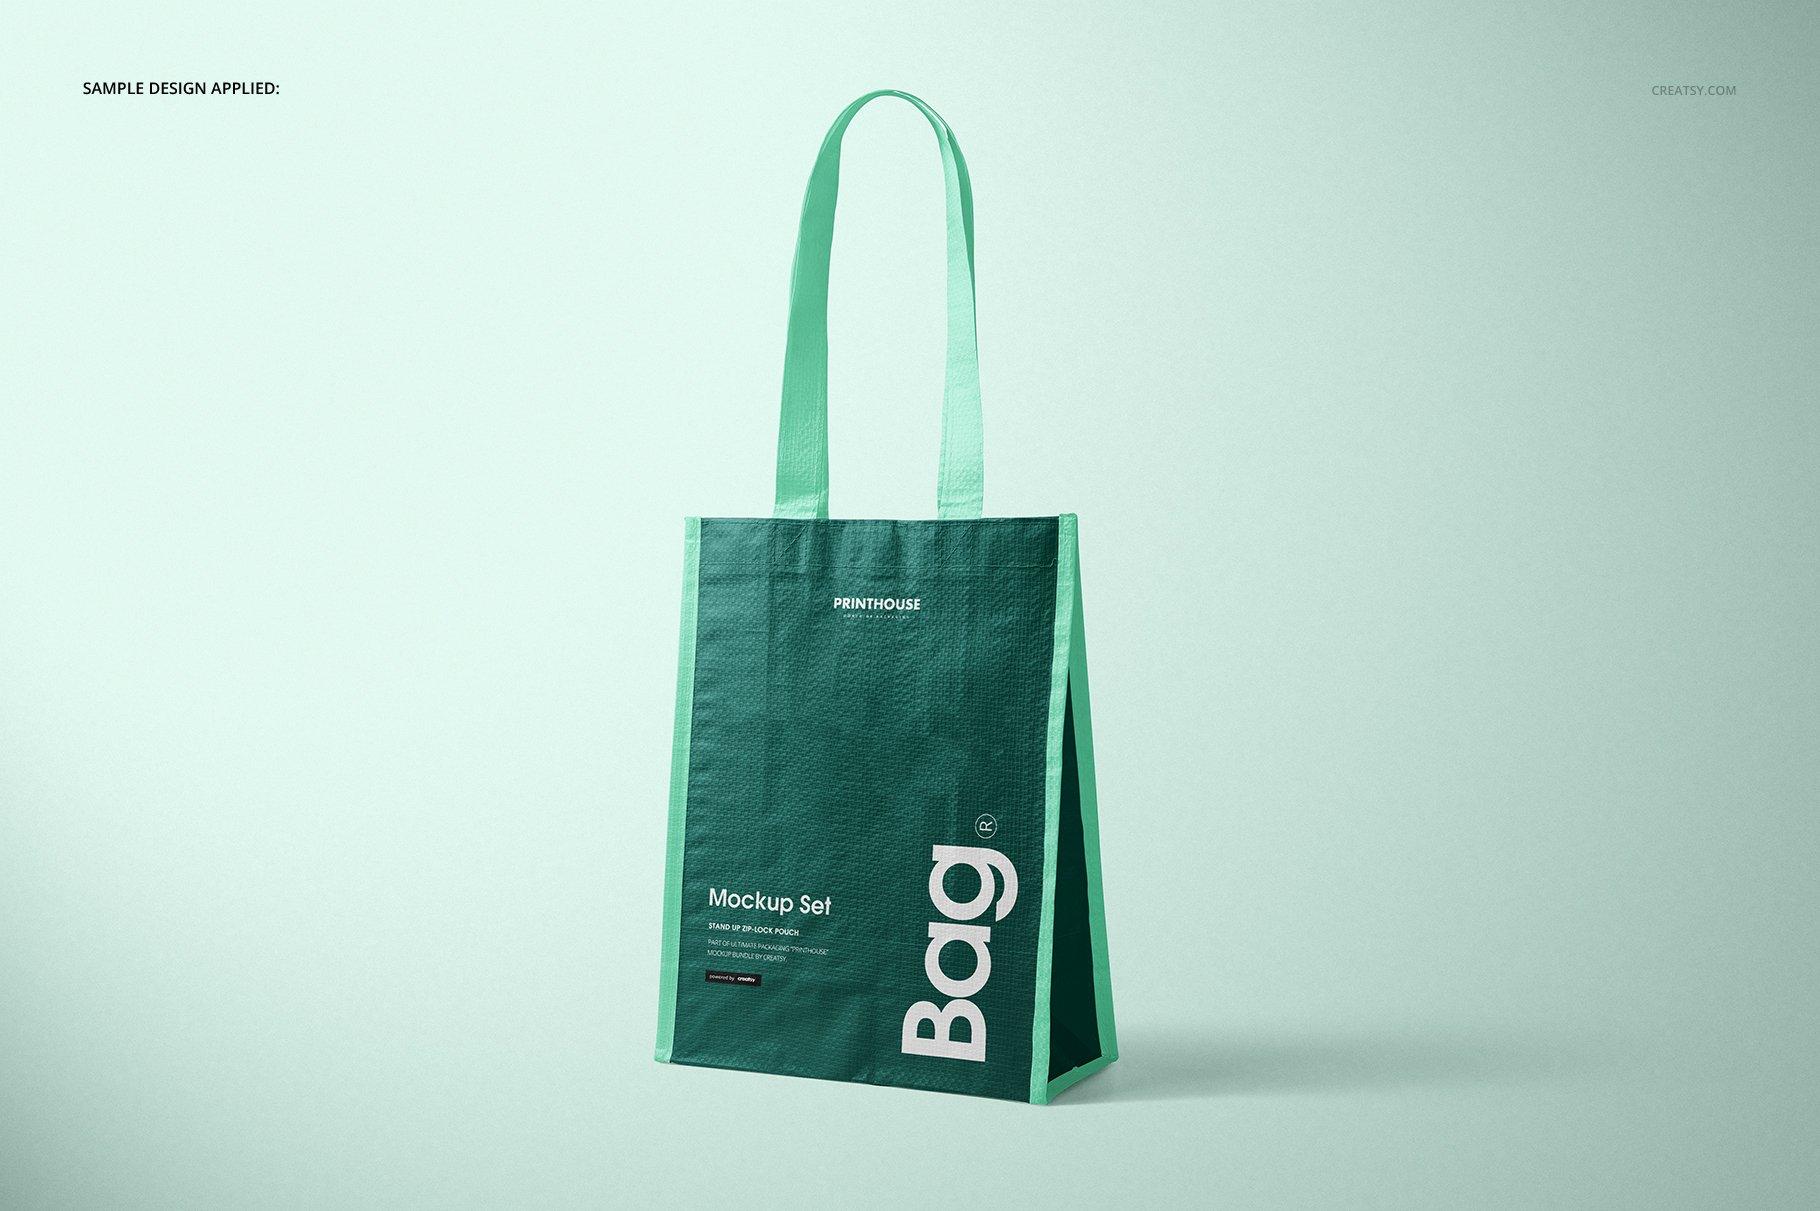 时尚编织手提购物袋设计展示贴图样机模板合集 Woven Tote Bag Mockup Set插图(4)